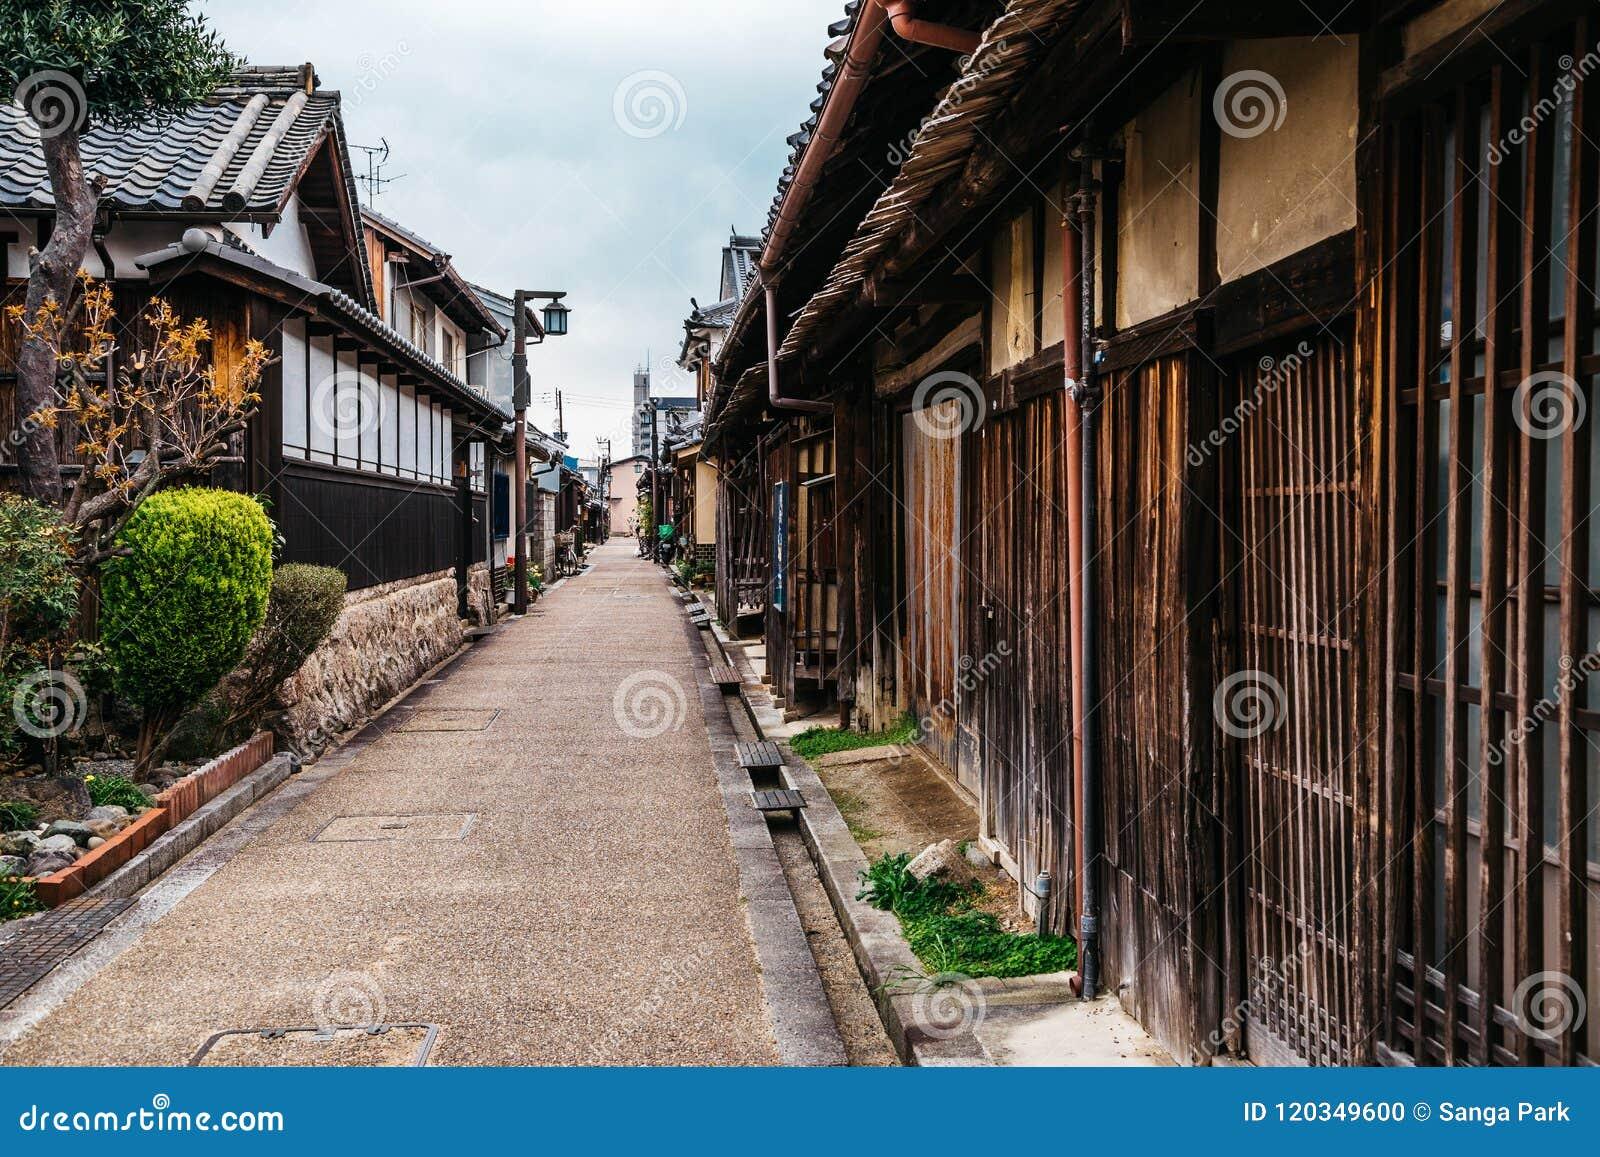 Japanese old town Imaicho in Nara, Japan